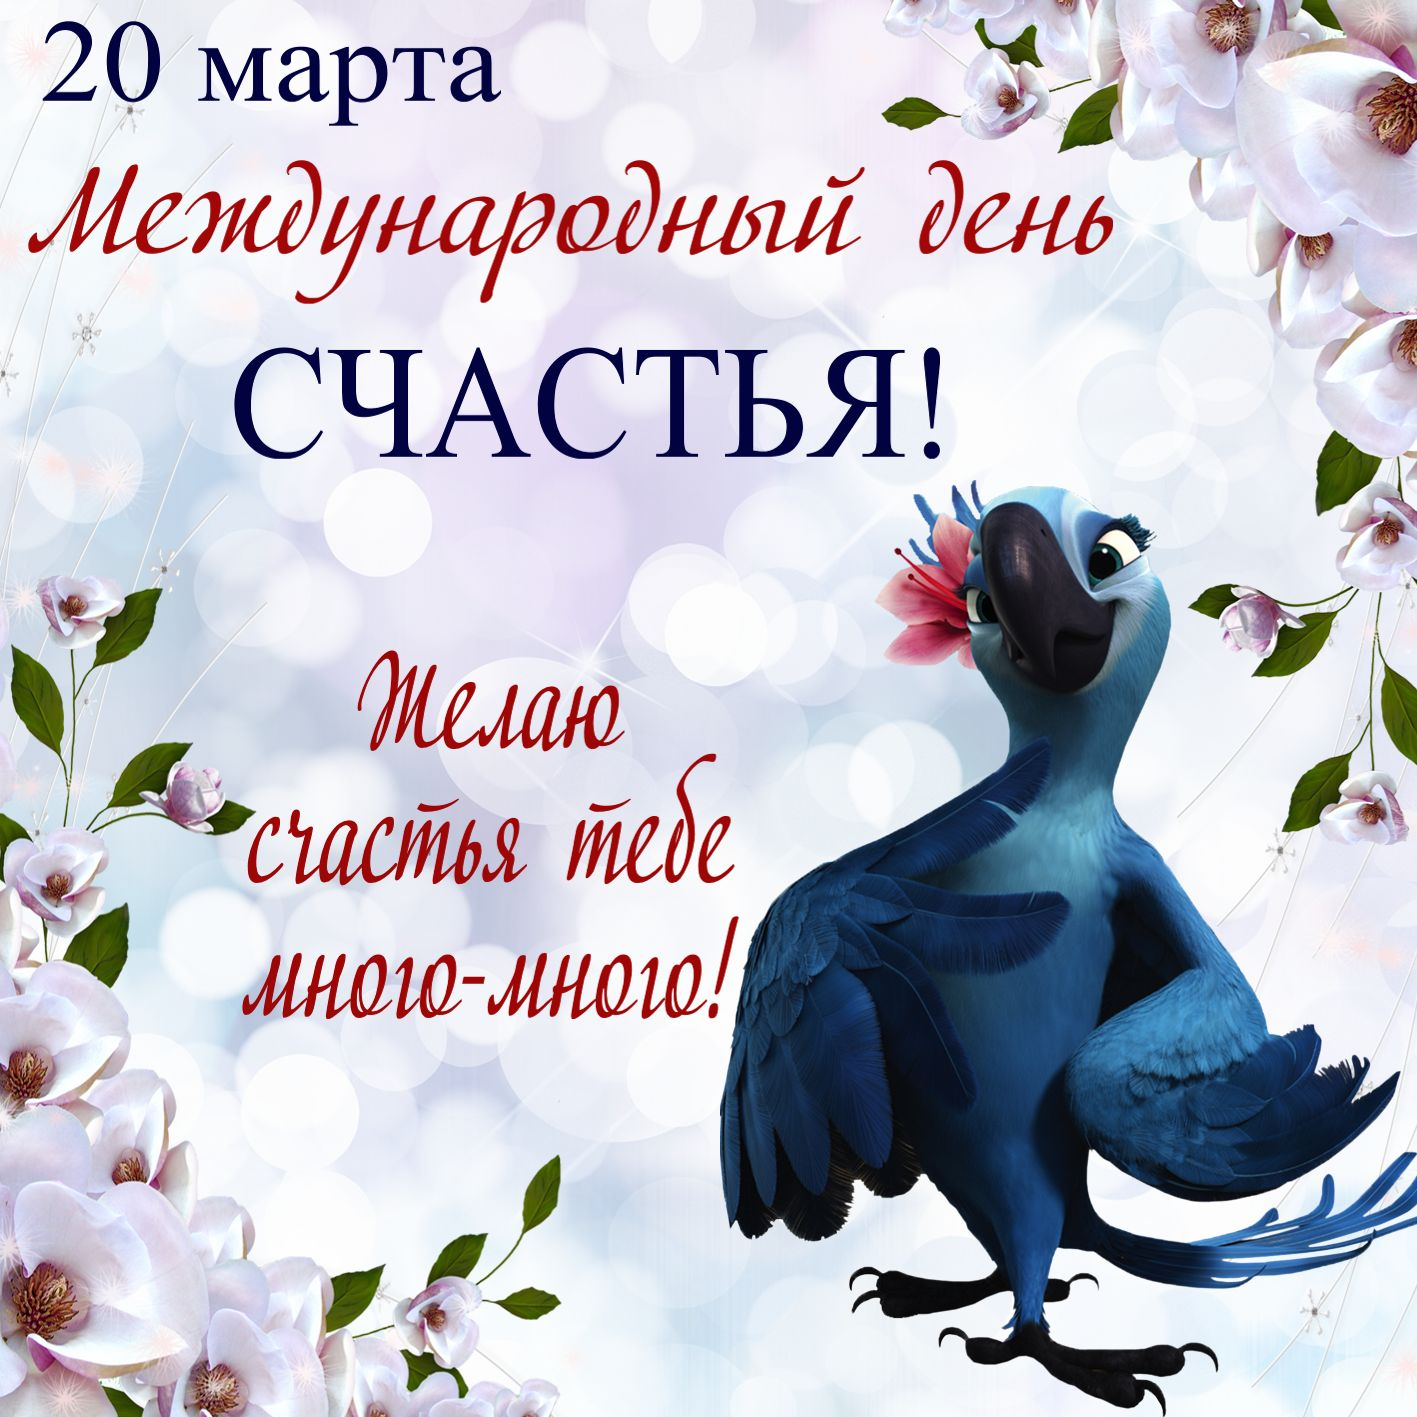 открытки к дню счастья 20 марта картинки приемы это